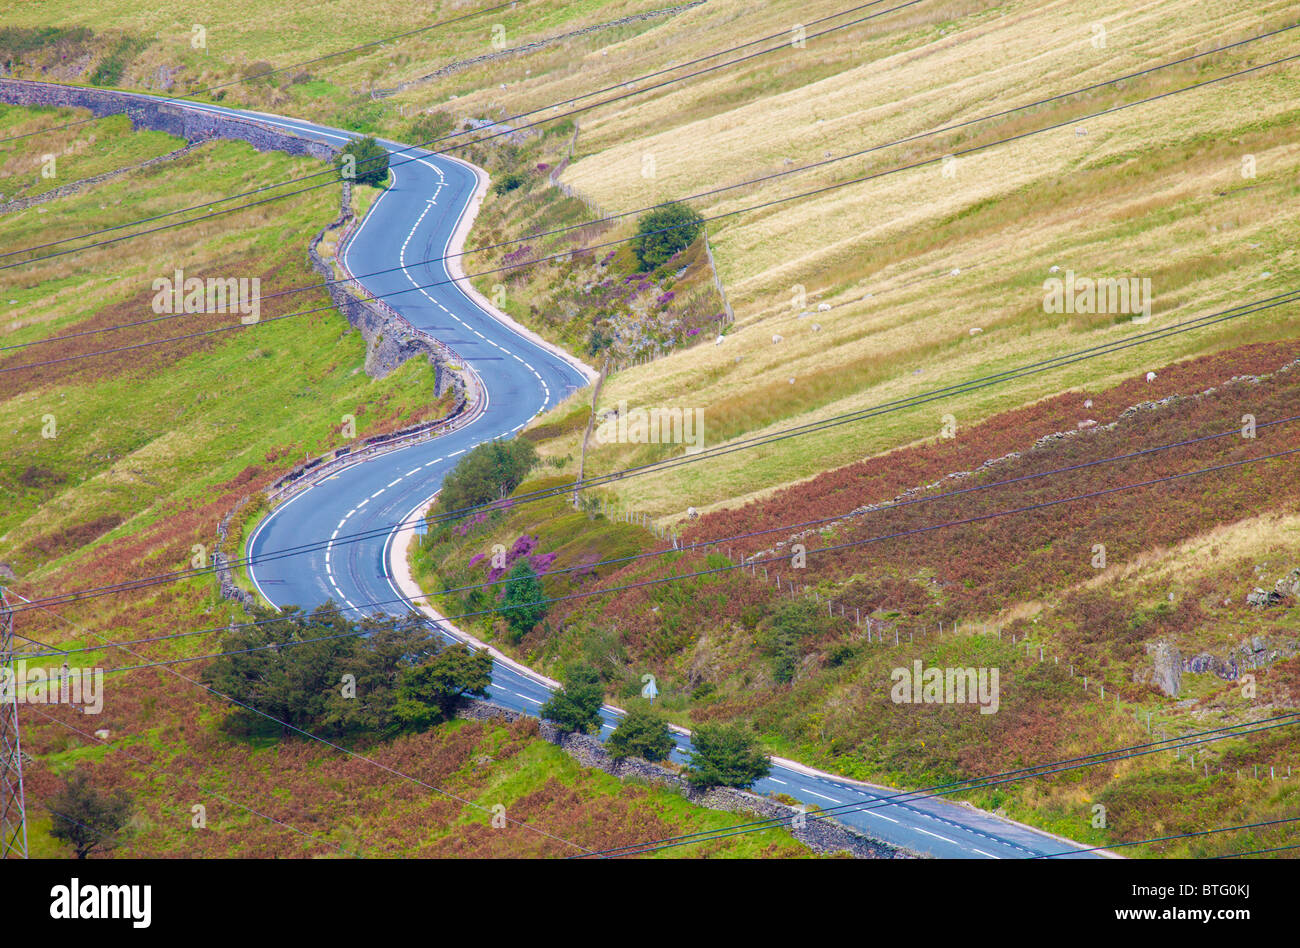 Kurvenreiche Straße laufen durch die Landschaft in Cumbria, England Stockbild